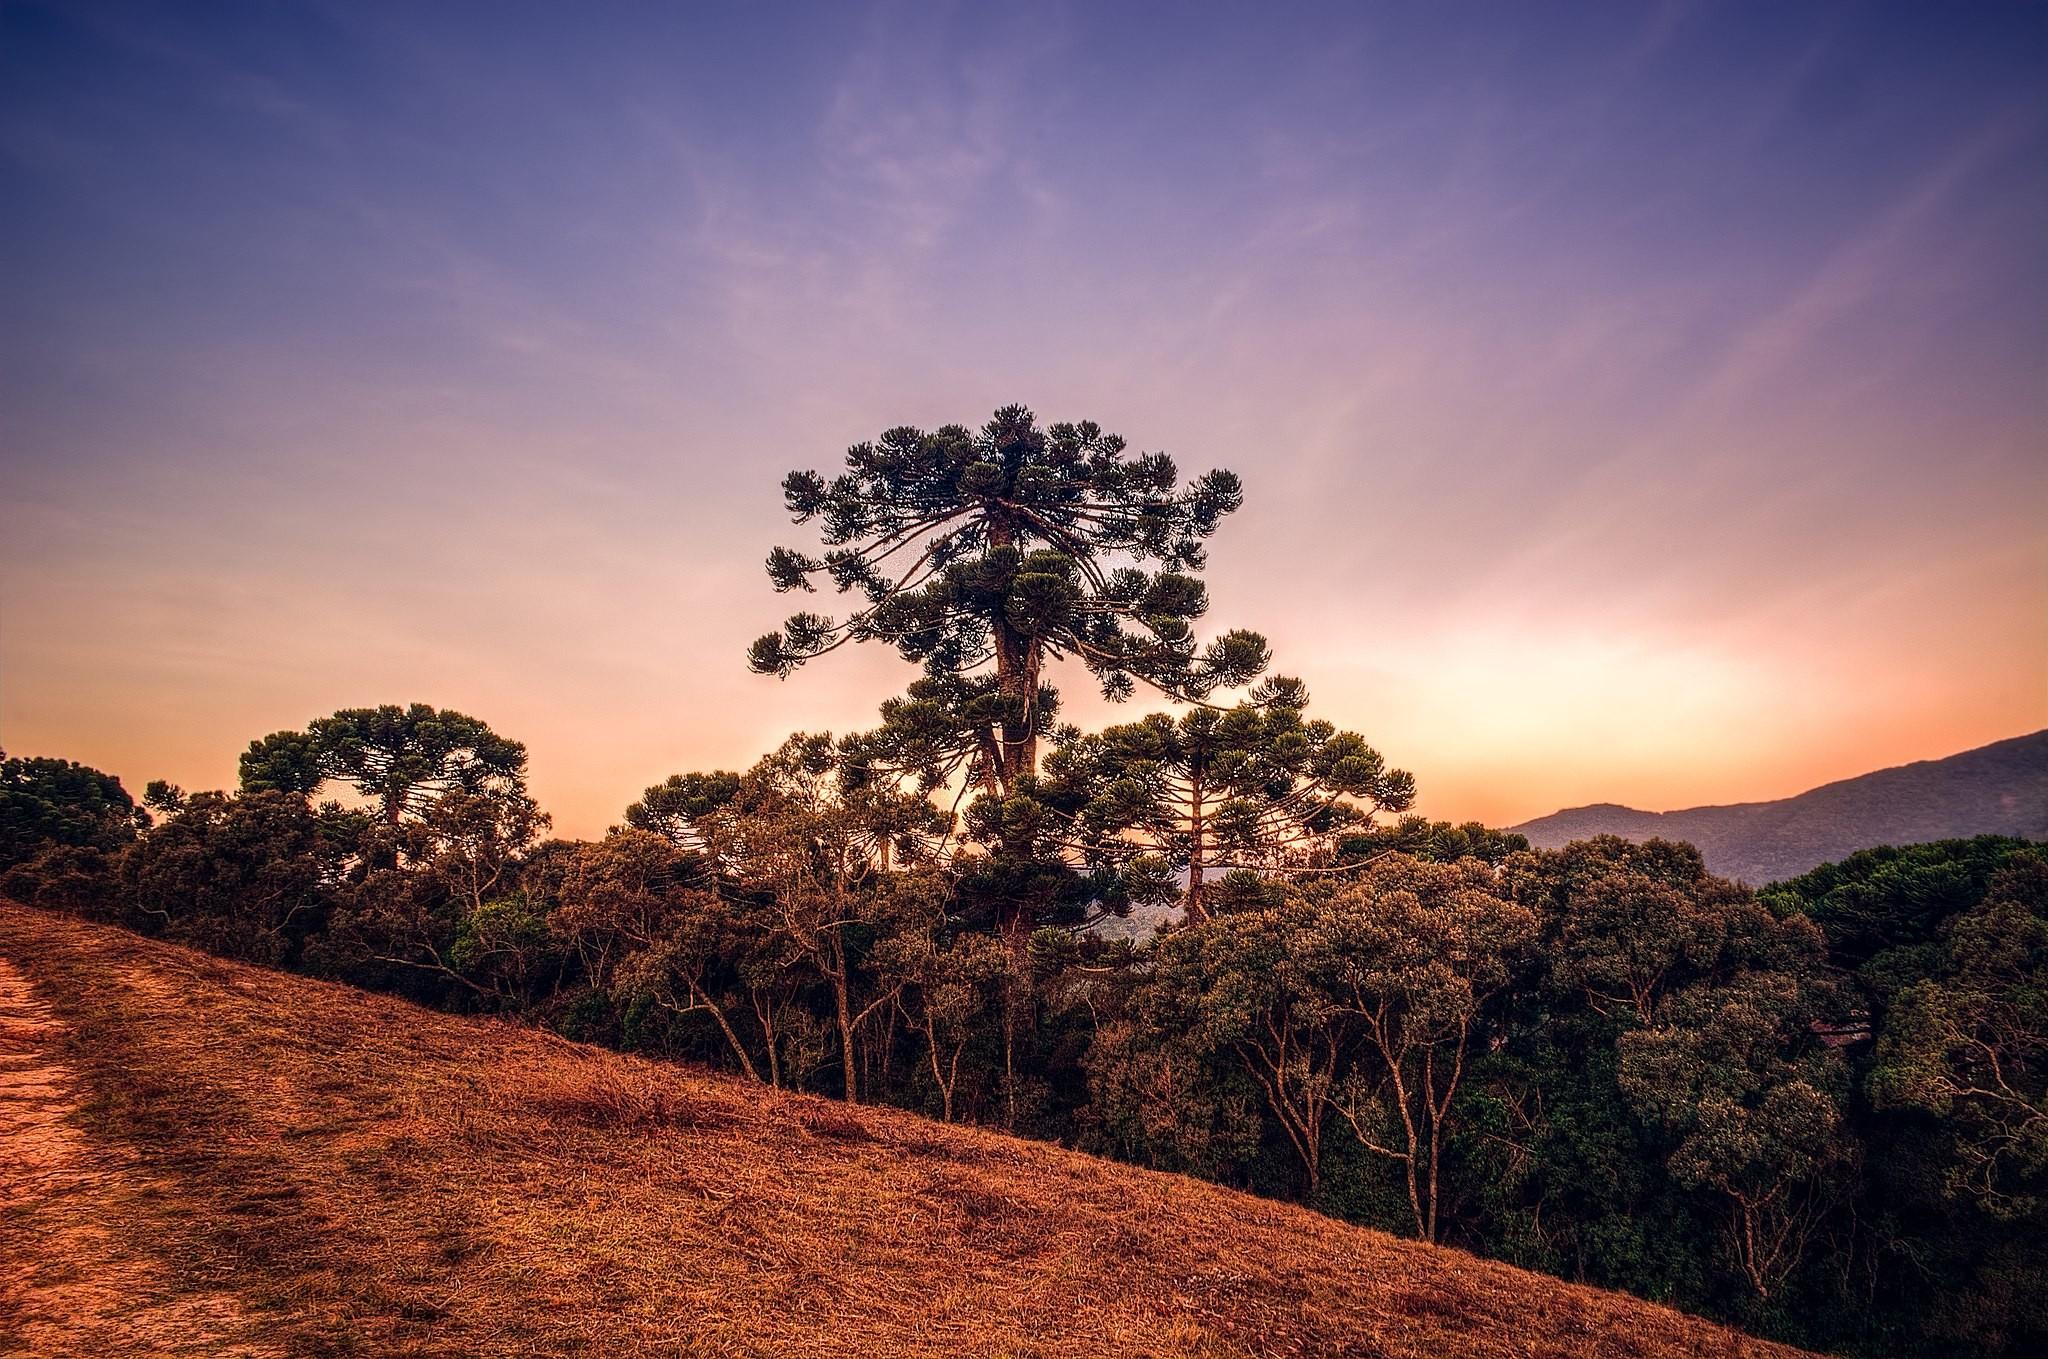 Araucária pode ser extinta nas próximas décadas por conta de desmatamento (Foto: Rafael Vianna Croffi/Wikimedia Commons)